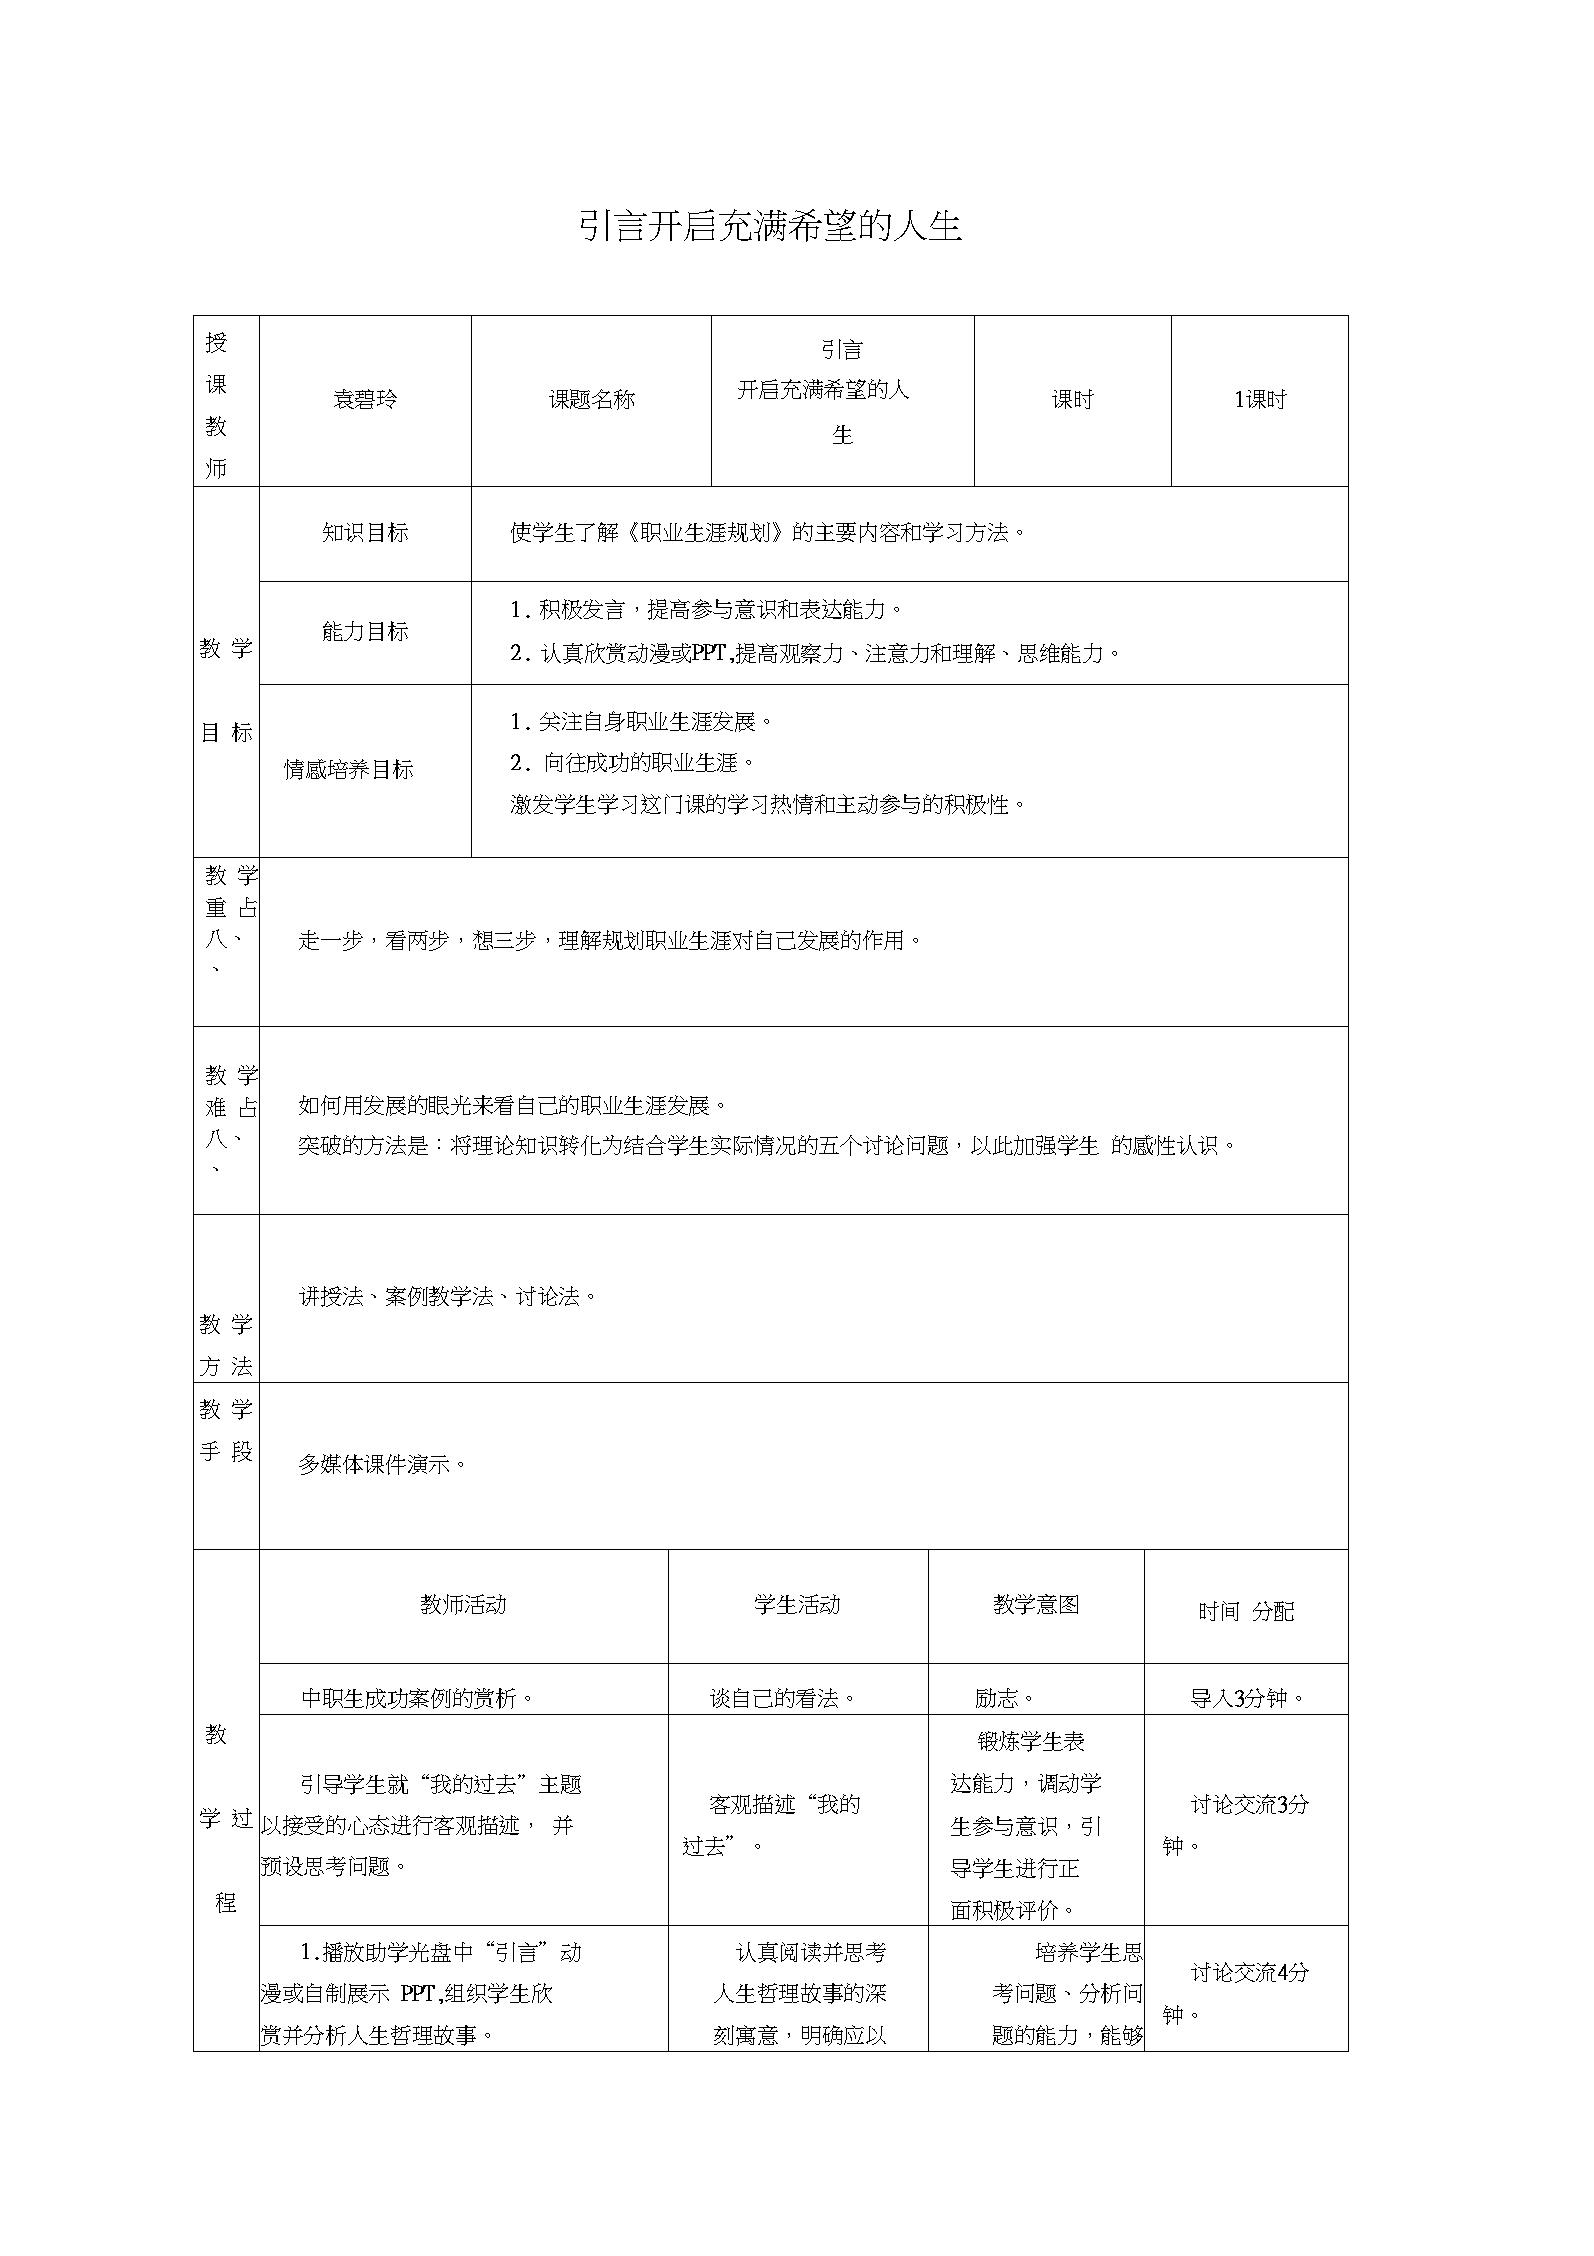 (完整版)职业生涯规划引言教案.docx